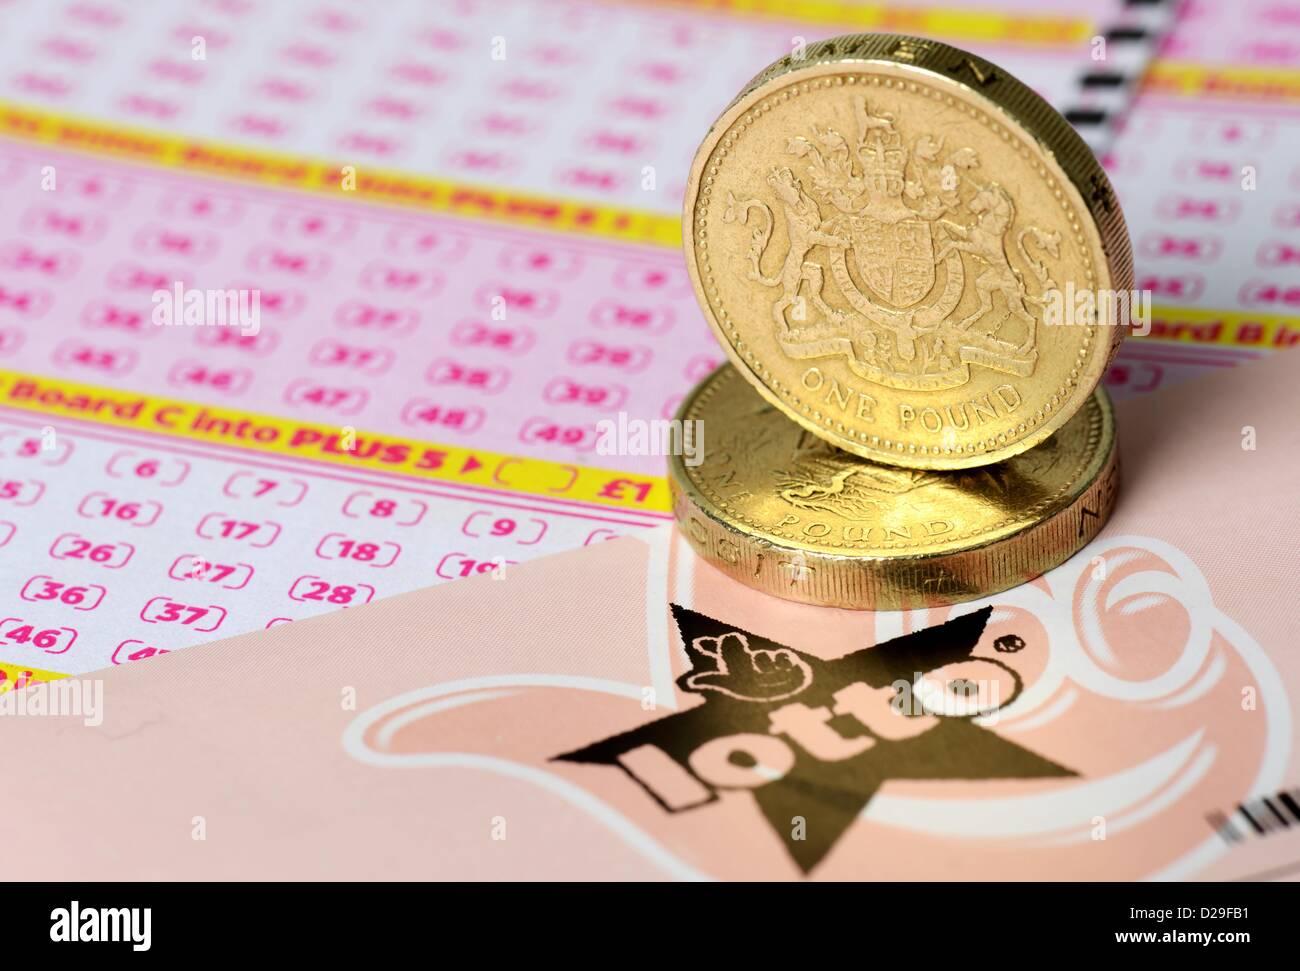 Lotería, aumentar a dos libras de la Lotería Nacional en Gran Bretaña, REINO UNIDO Imagen De Stock